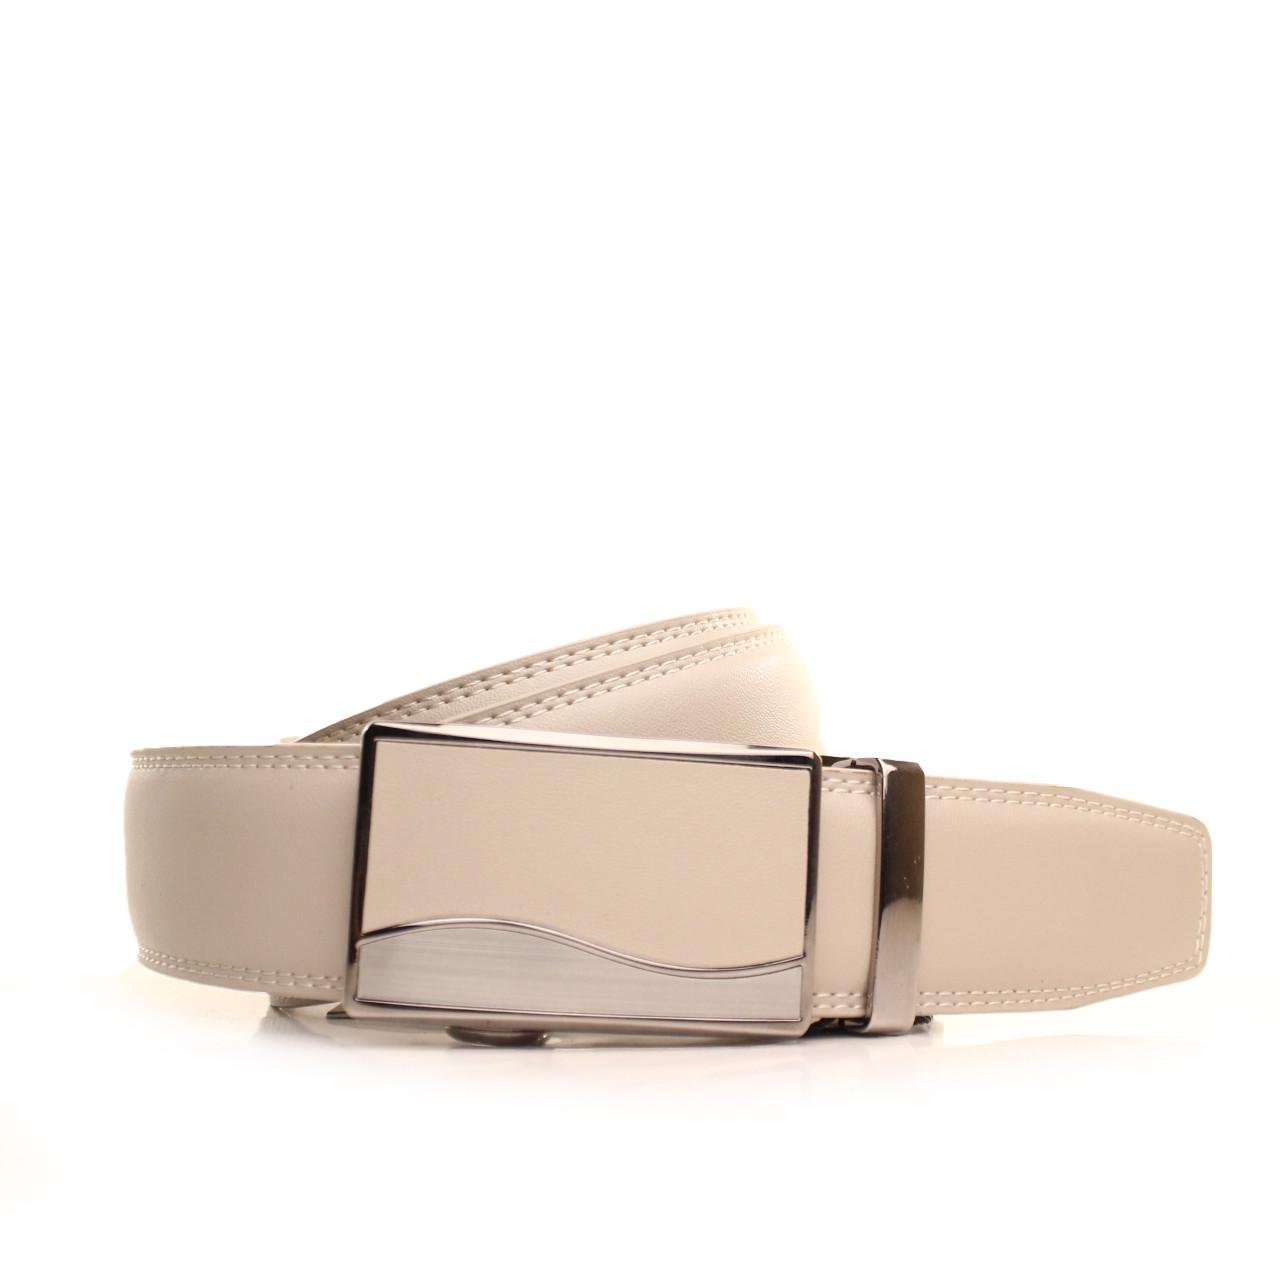 Ремень кожаный Alon 105-115 см китай l35a1a18